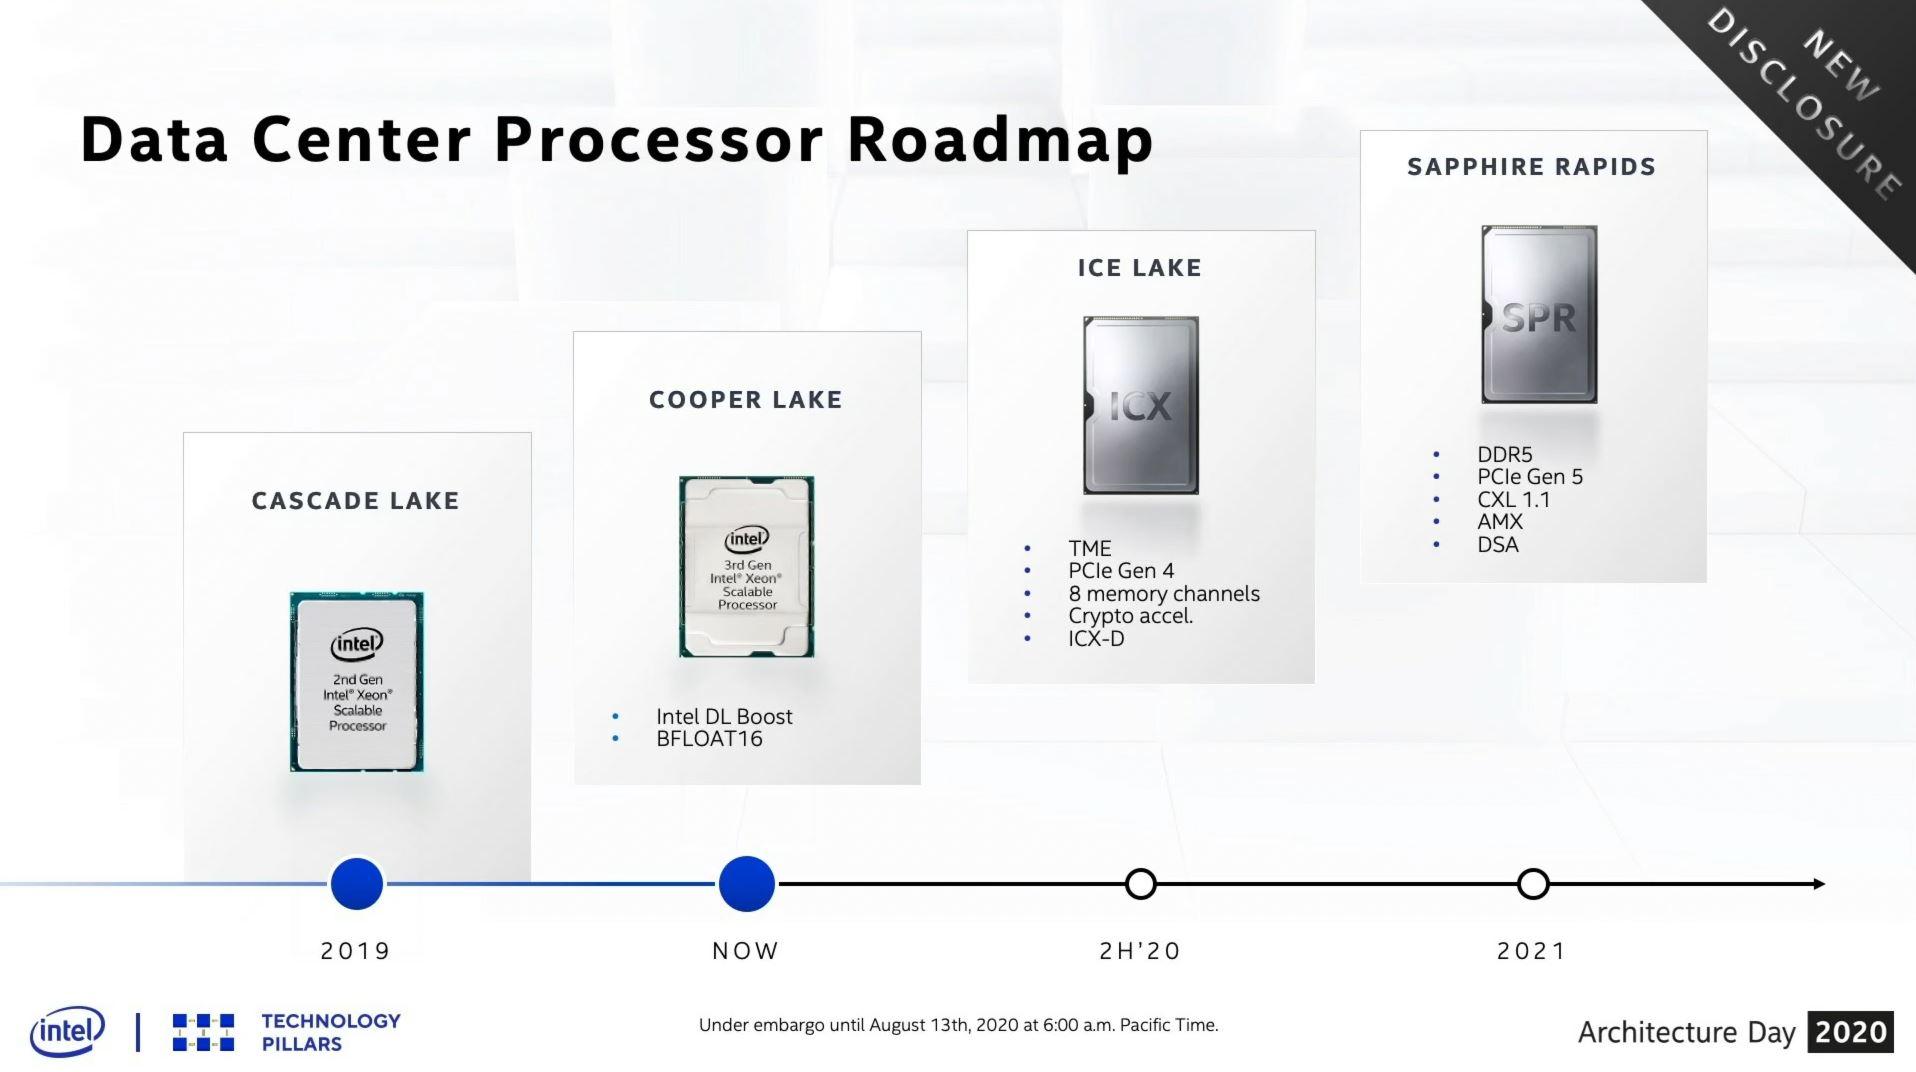 照片中提到了DISCLOSURE、Data Center Processor Roadmap、SAPPHIRE RAPIDS,包含了英特爾藍寶石急流、藍寶石急流、英特爾、冰湖、至強